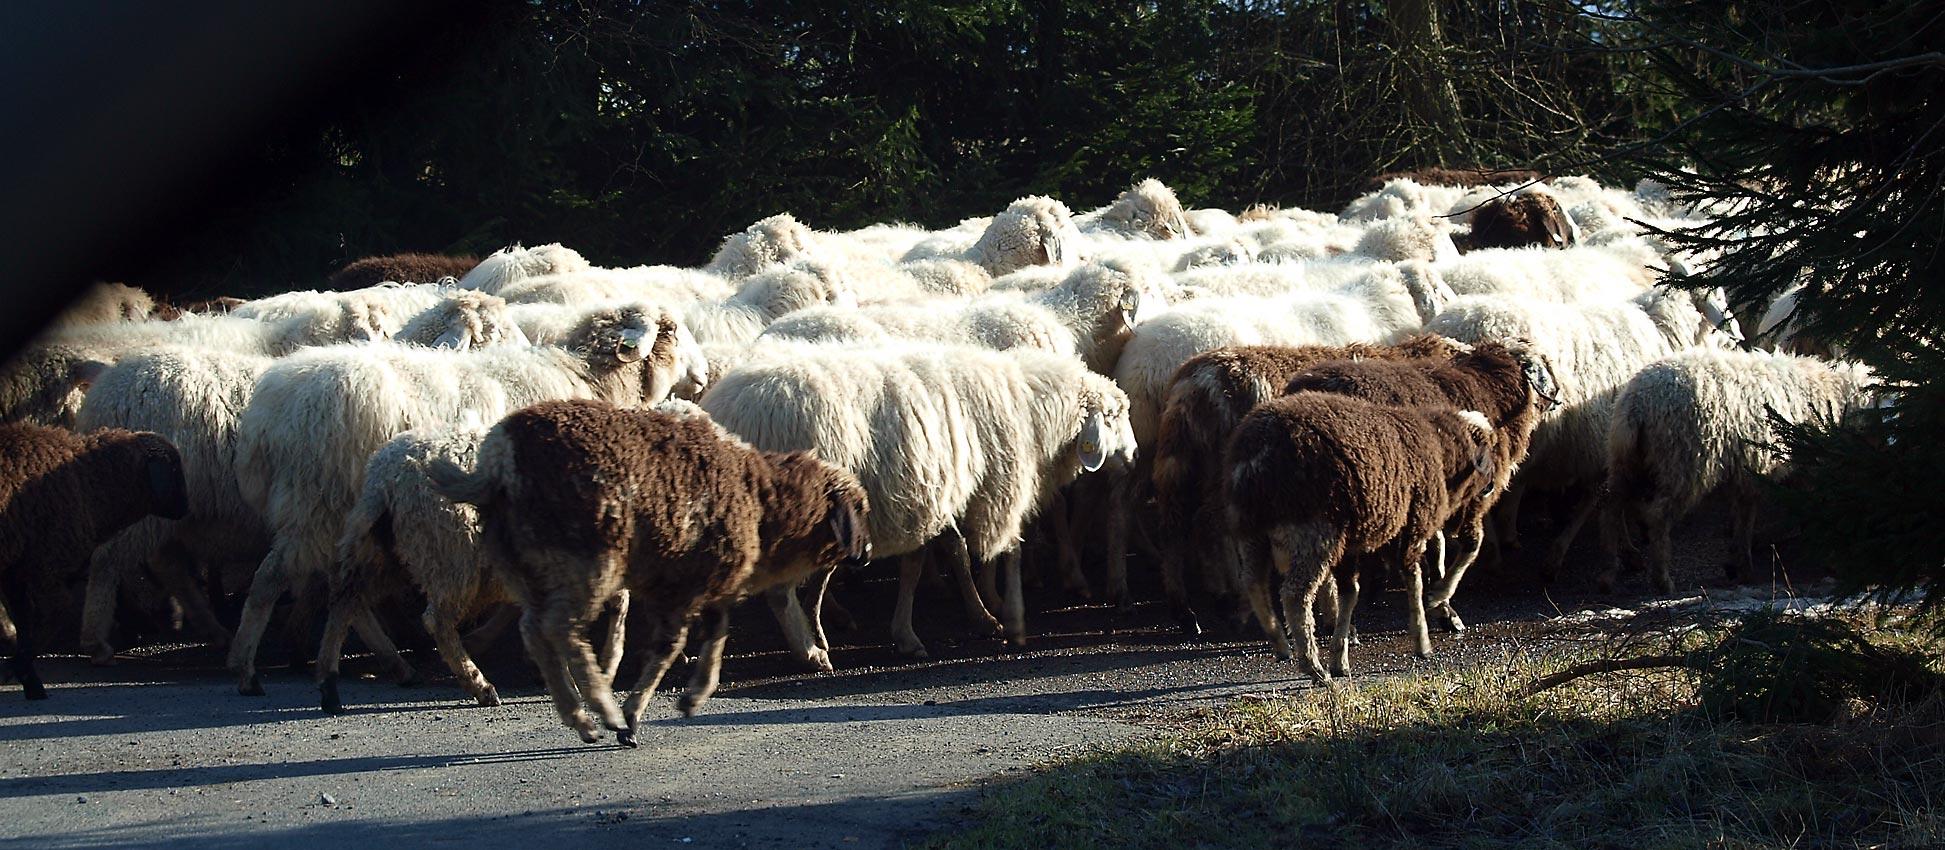 Schafherden stehen symbolhaft für Menschenmassen | Bild: HEINZ KNOTEK/TrinosophieBlog